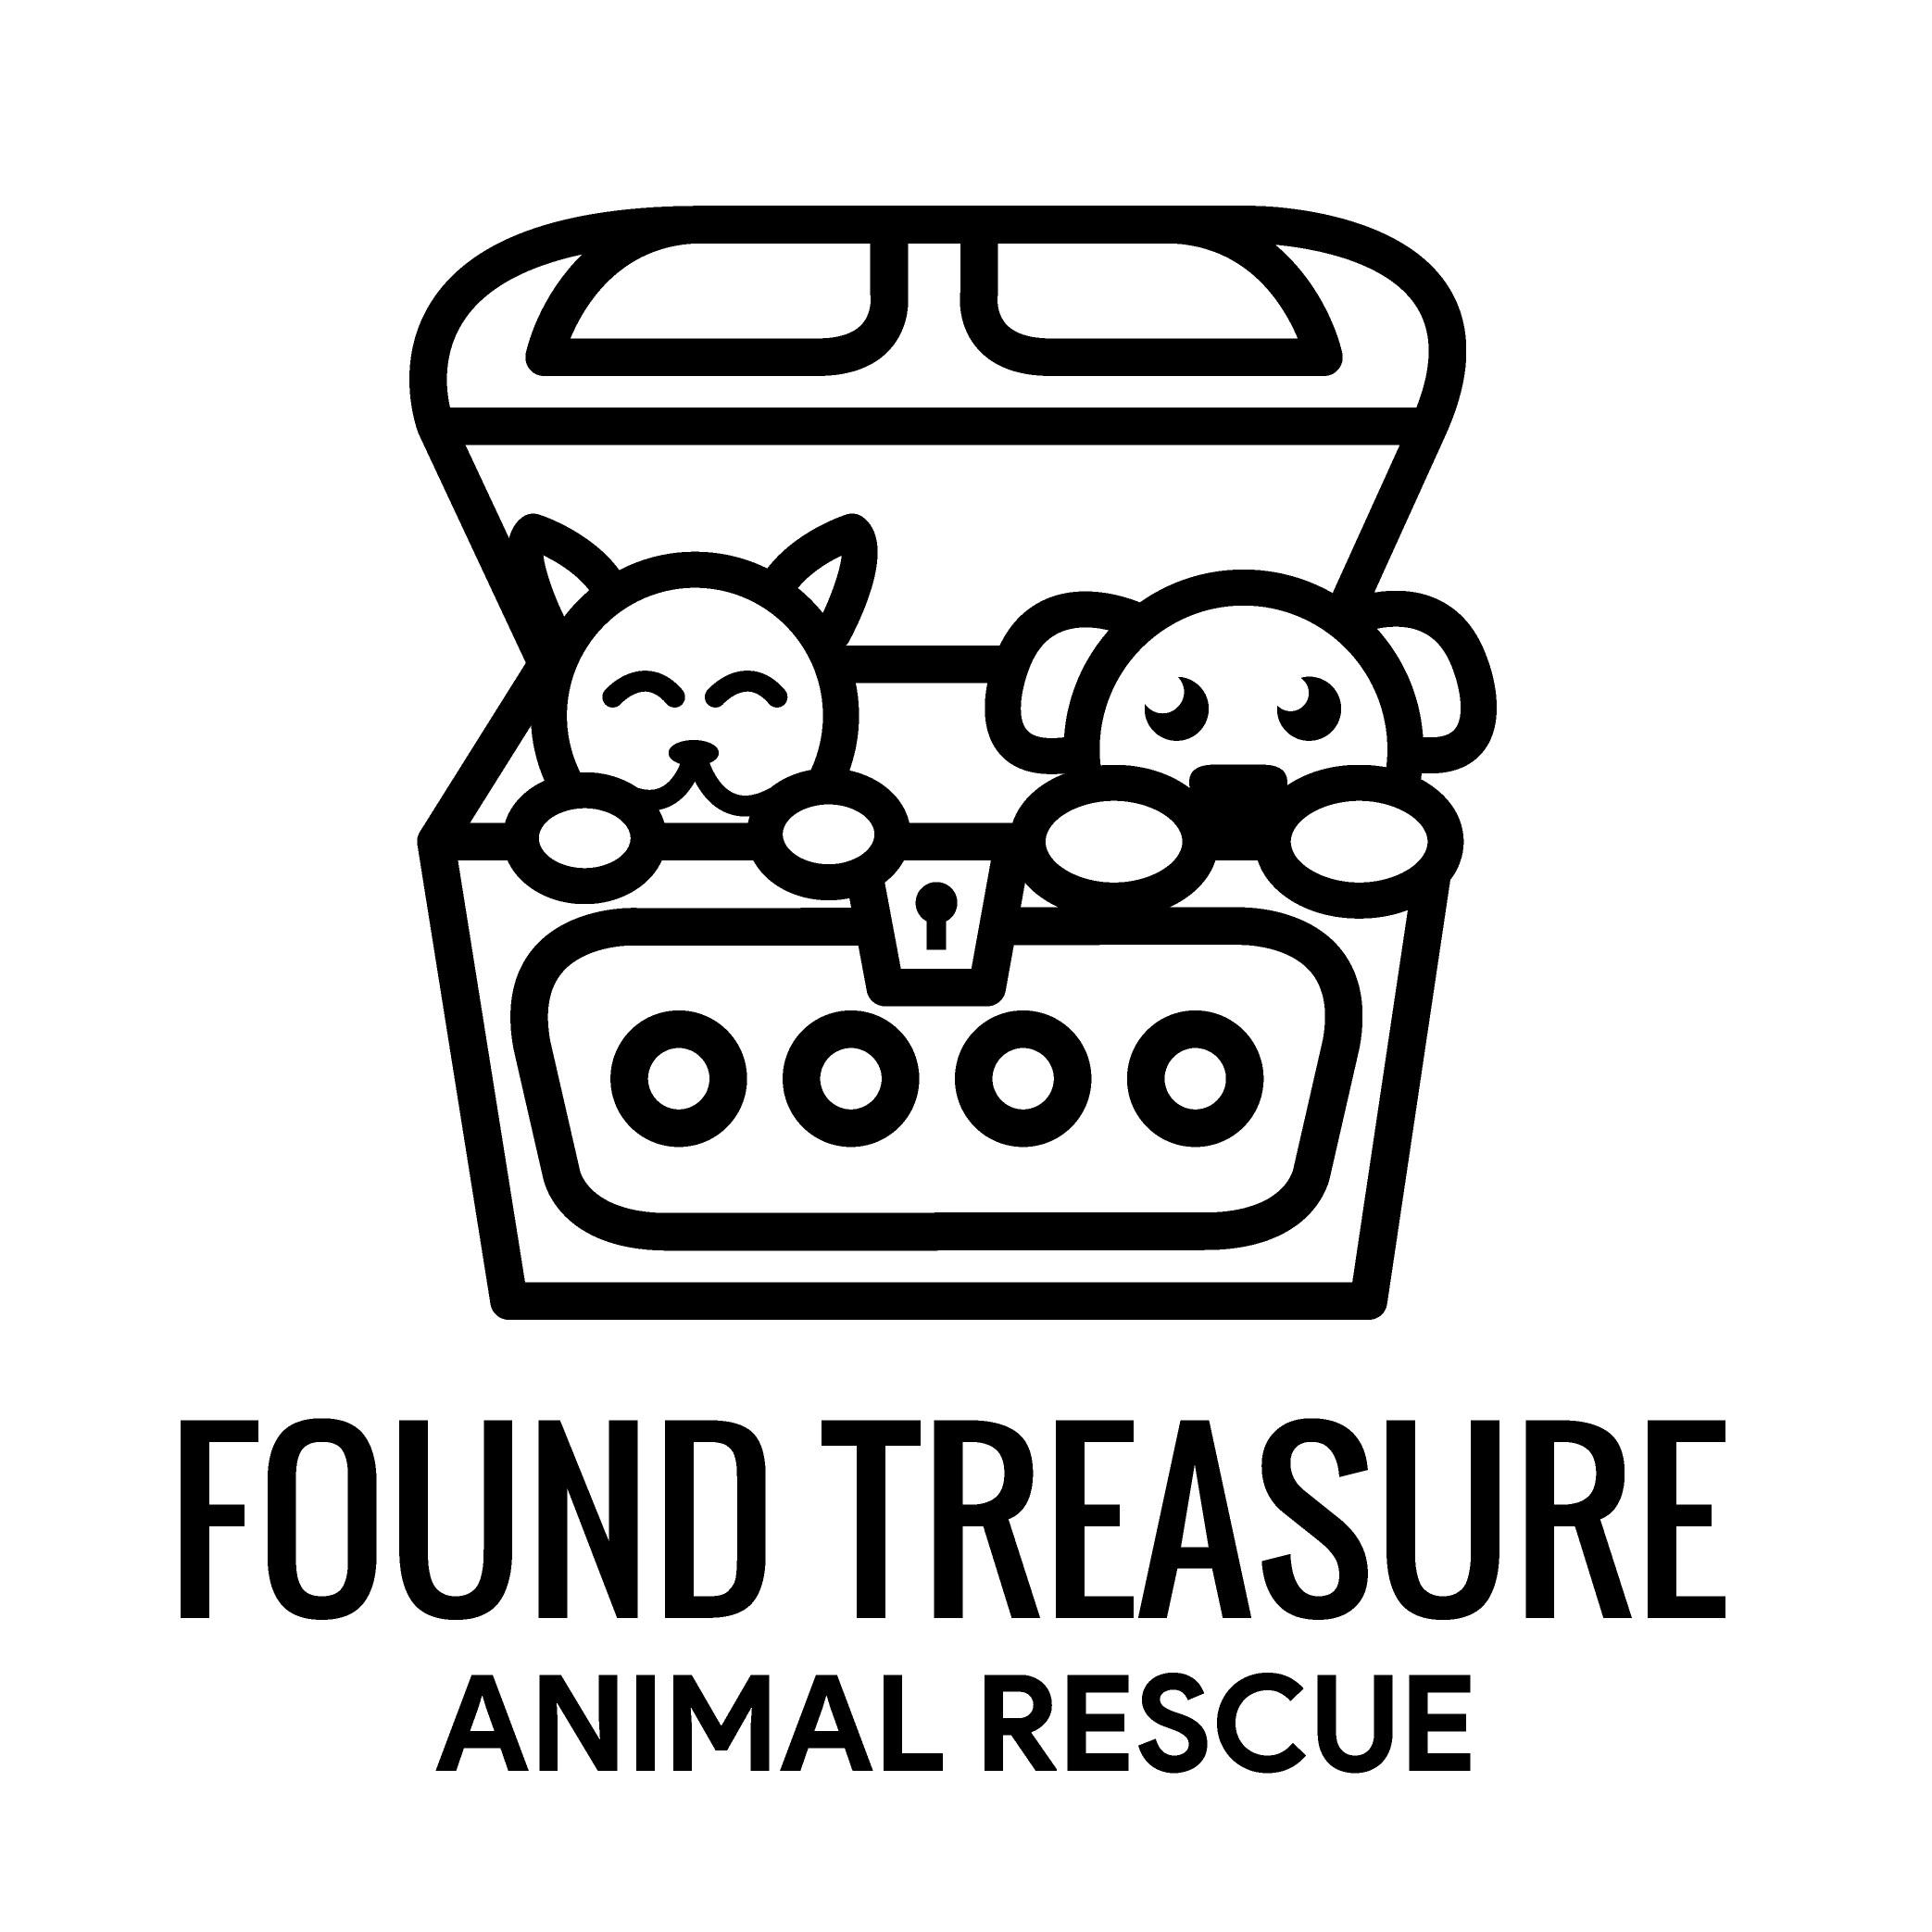 Found Treasure Animal Rescue